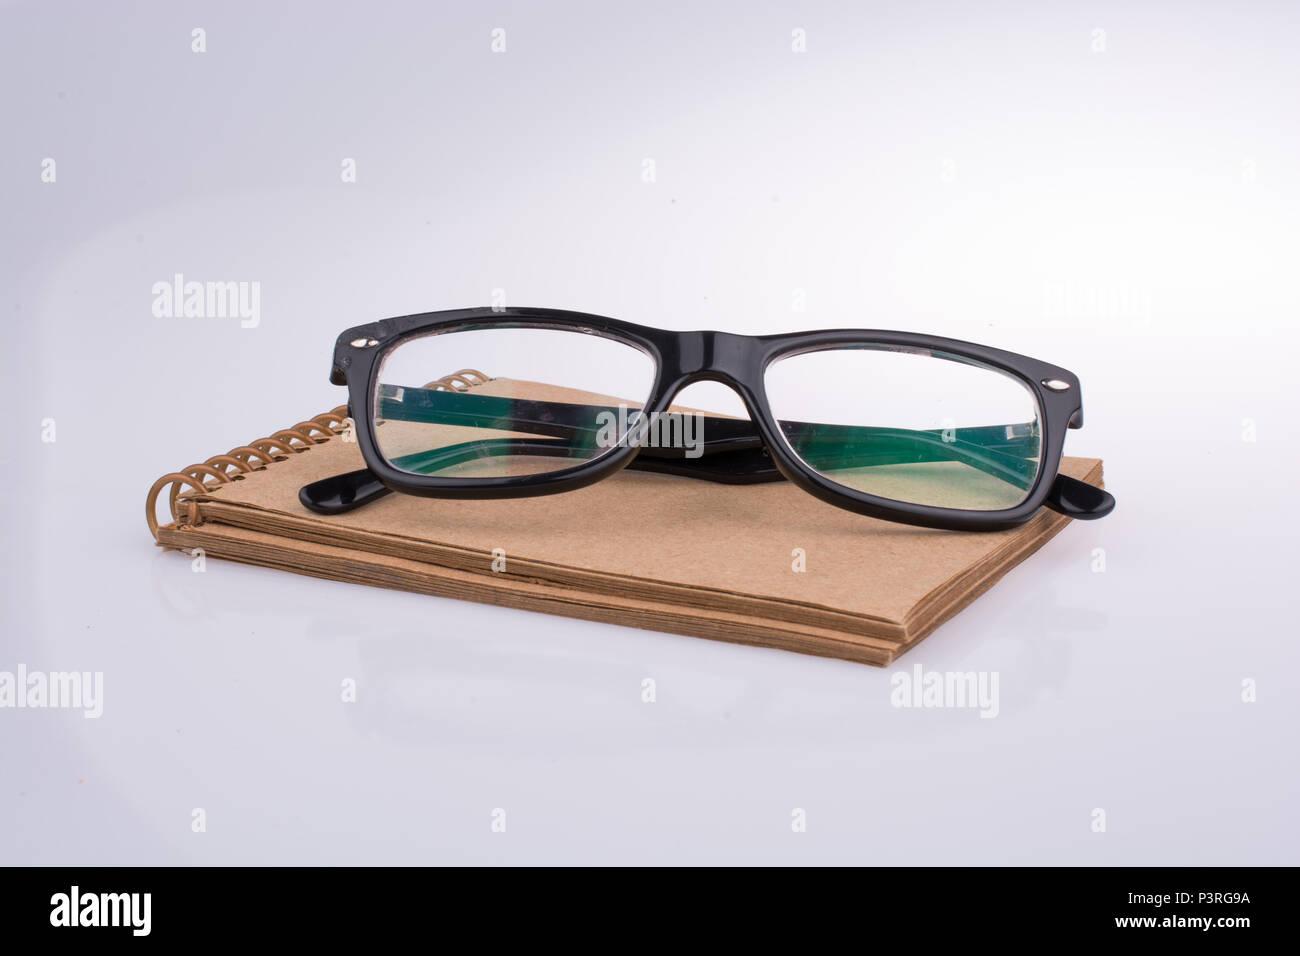 Ziemlich Schwarz Gerahmte Brille Galerie - Benutzerdefinierte ...